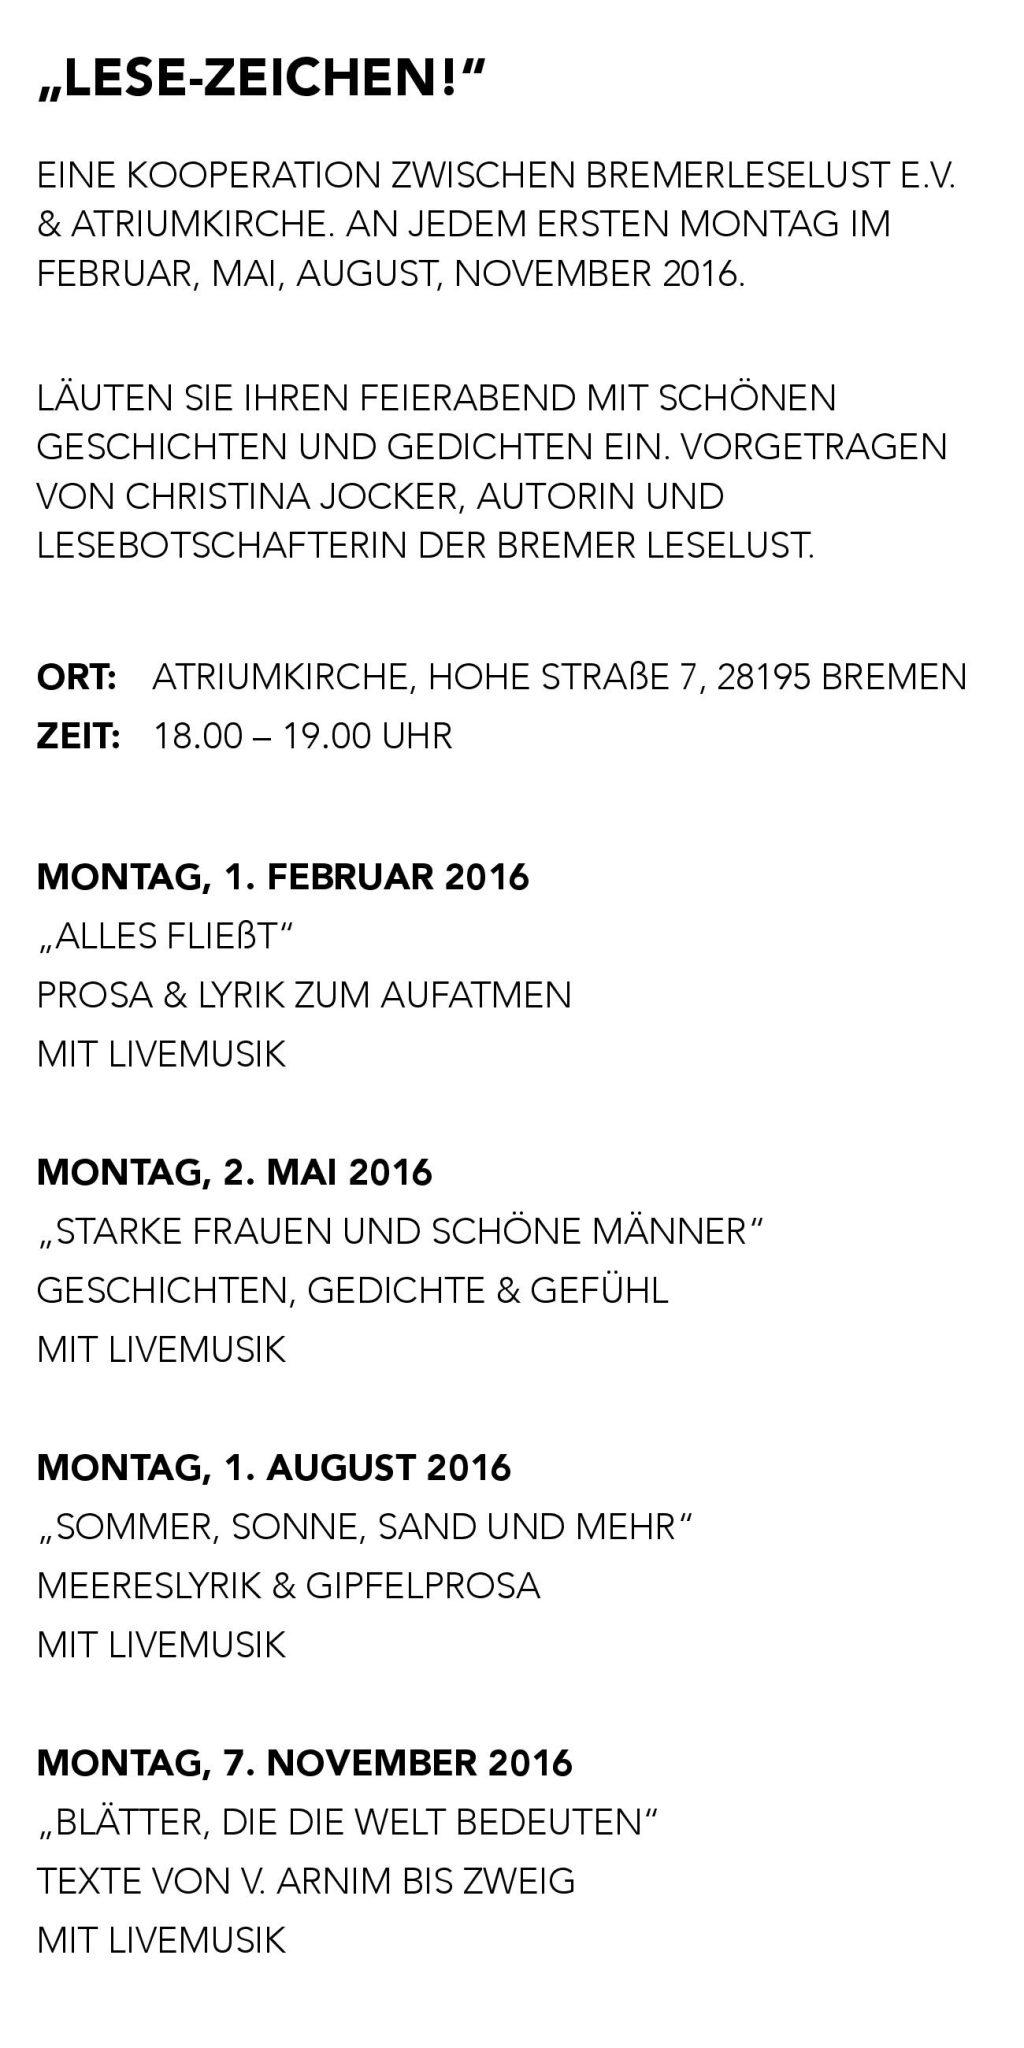 Flyer Lesezeichen Atrium BremerLeseLust 2016-page-002